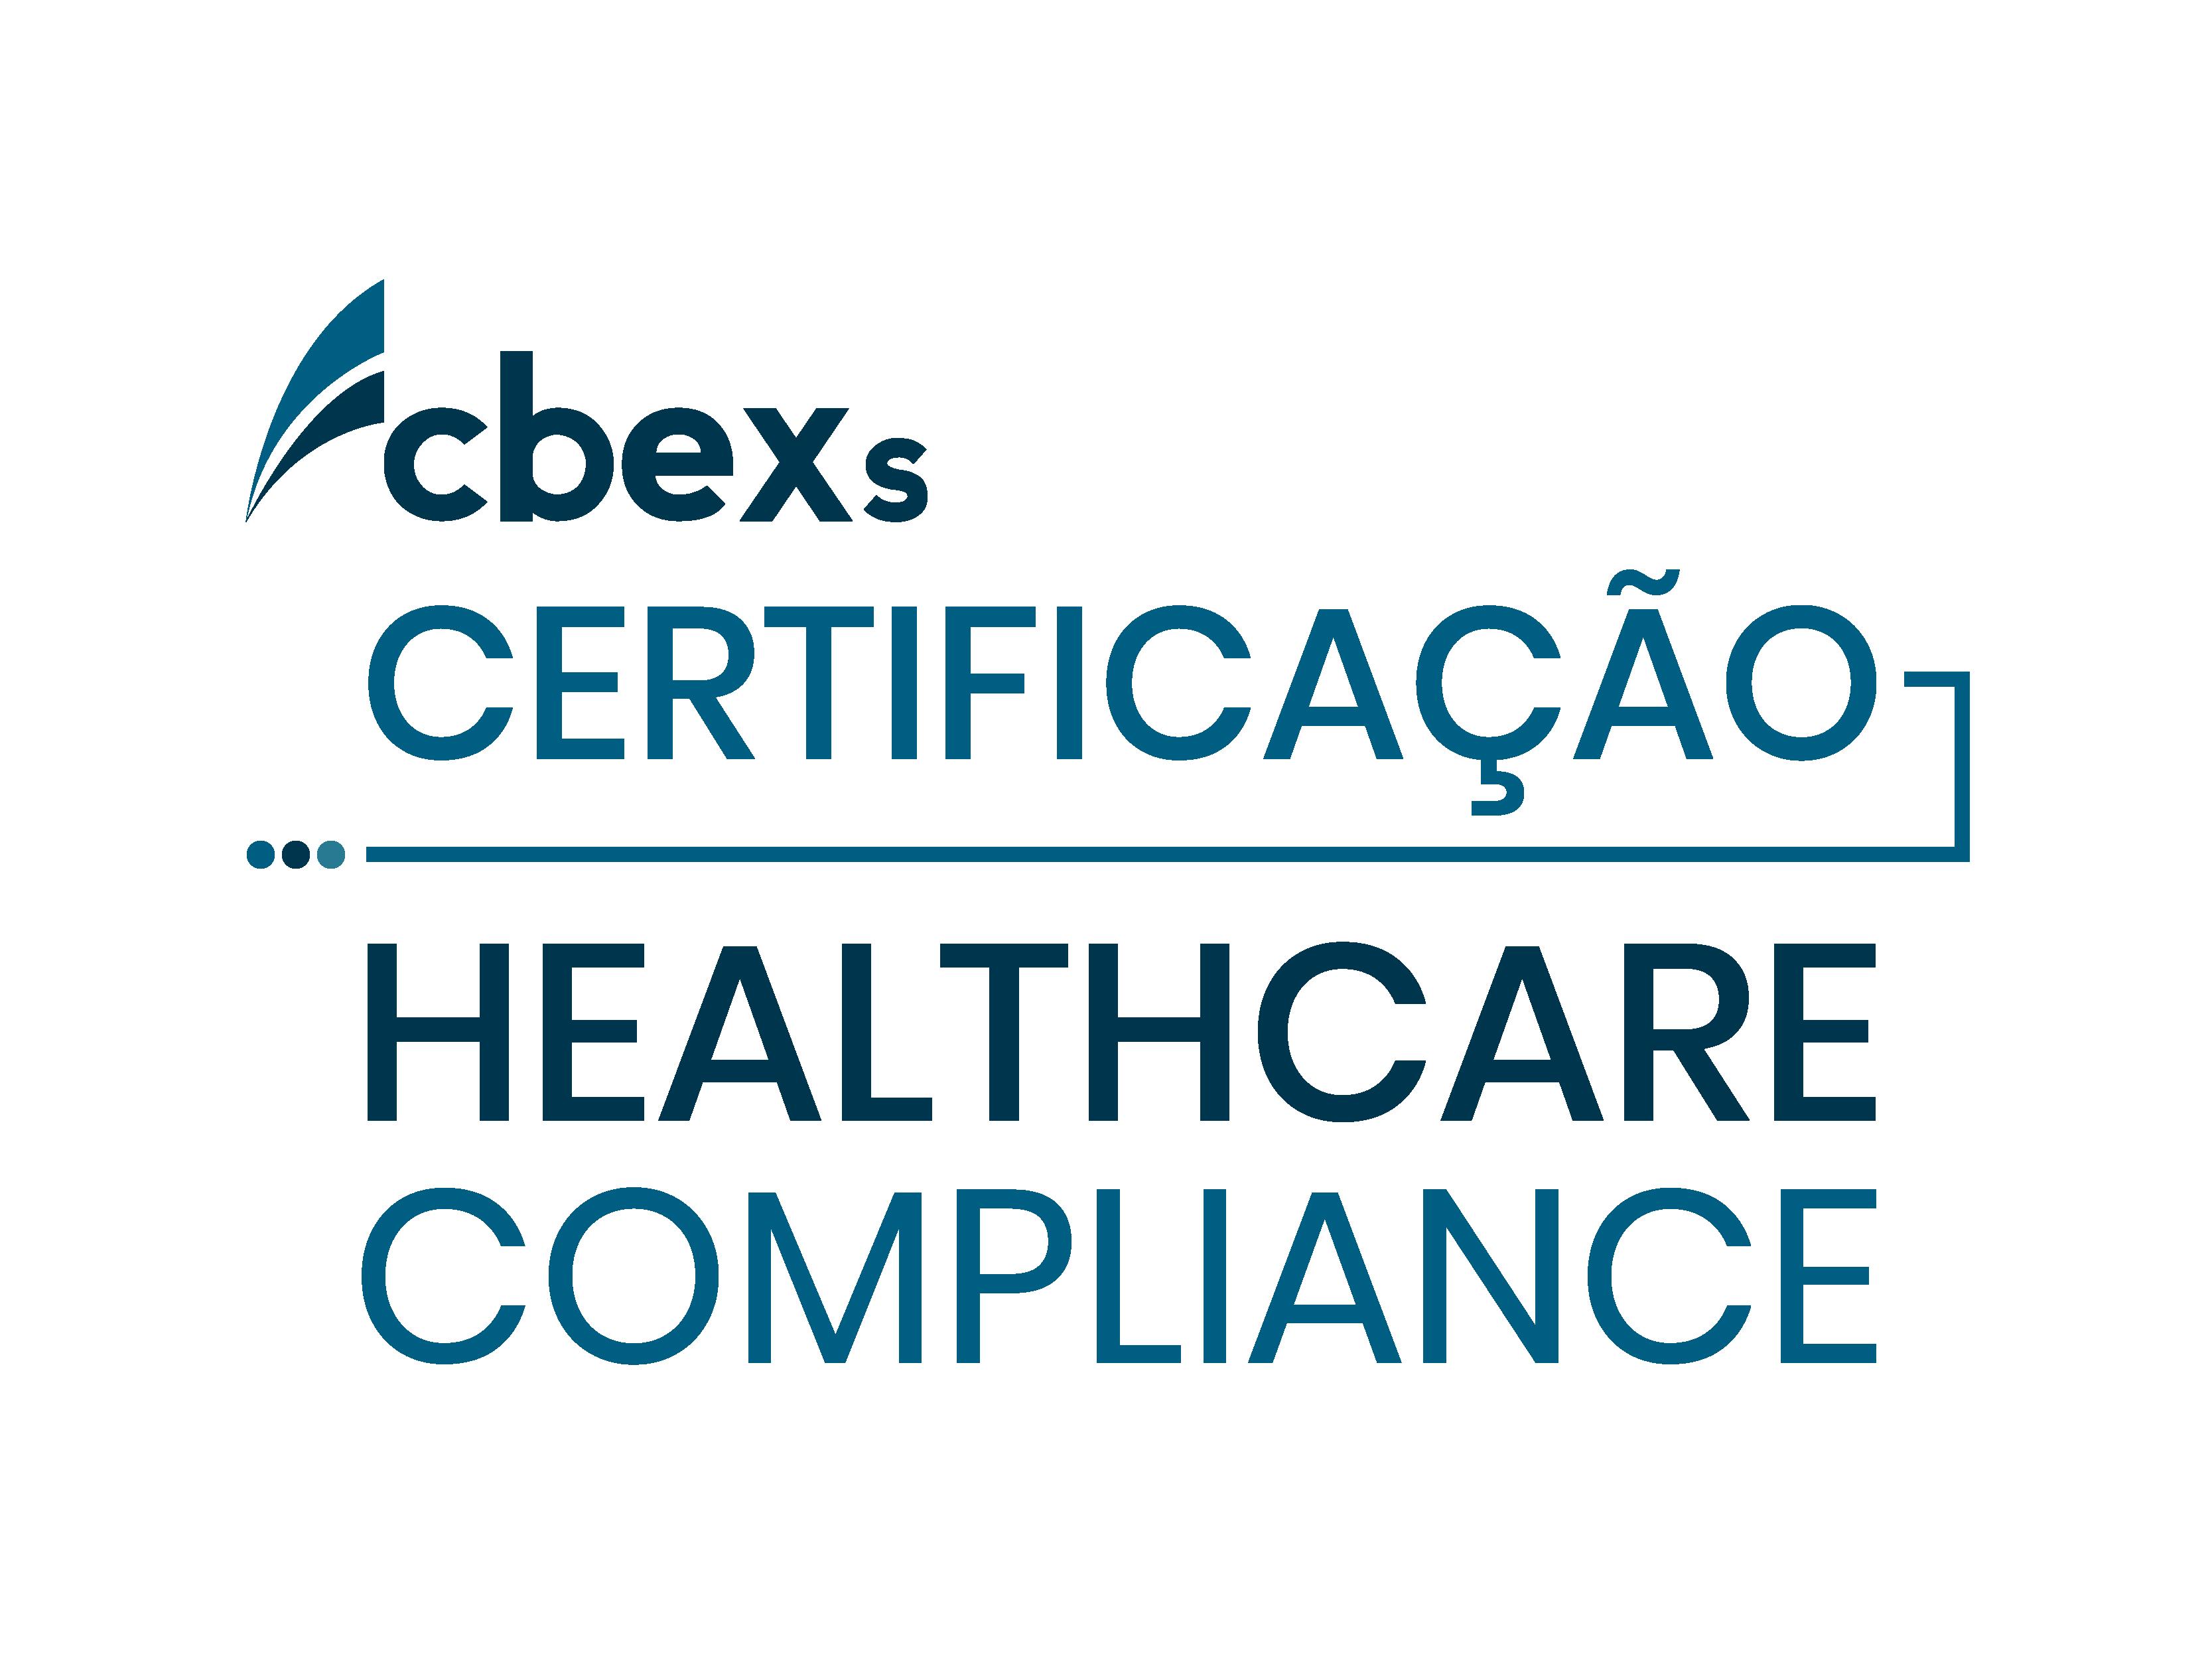 Certificação em Healthcare Compliance 2021 - CBEXs